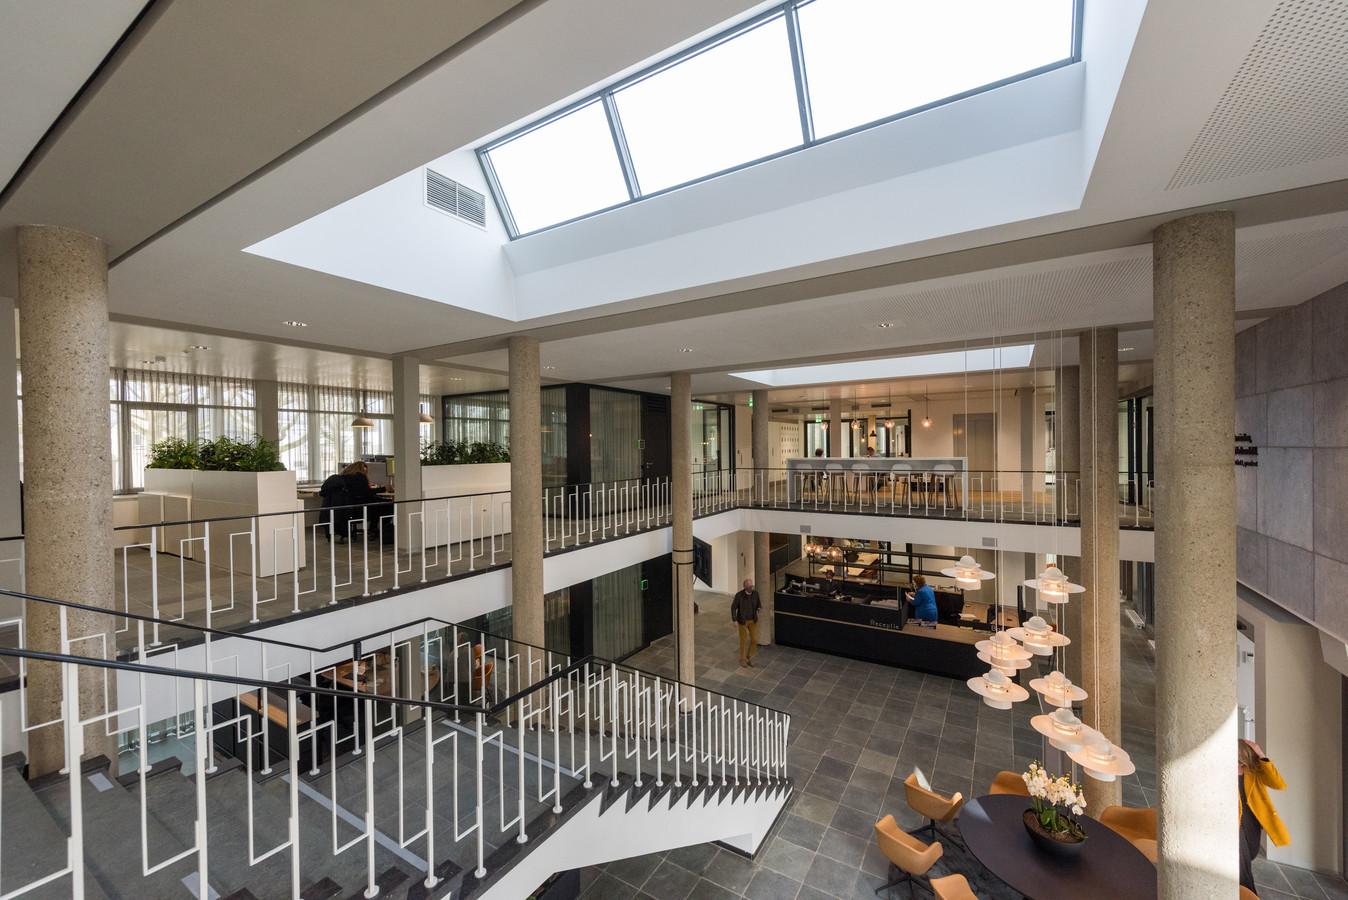 Het gemeentehuis van Son en Breugel is in anderhalf jaar gerenoveerd. Ook is er een nieuwe vleugel aangebouwd.